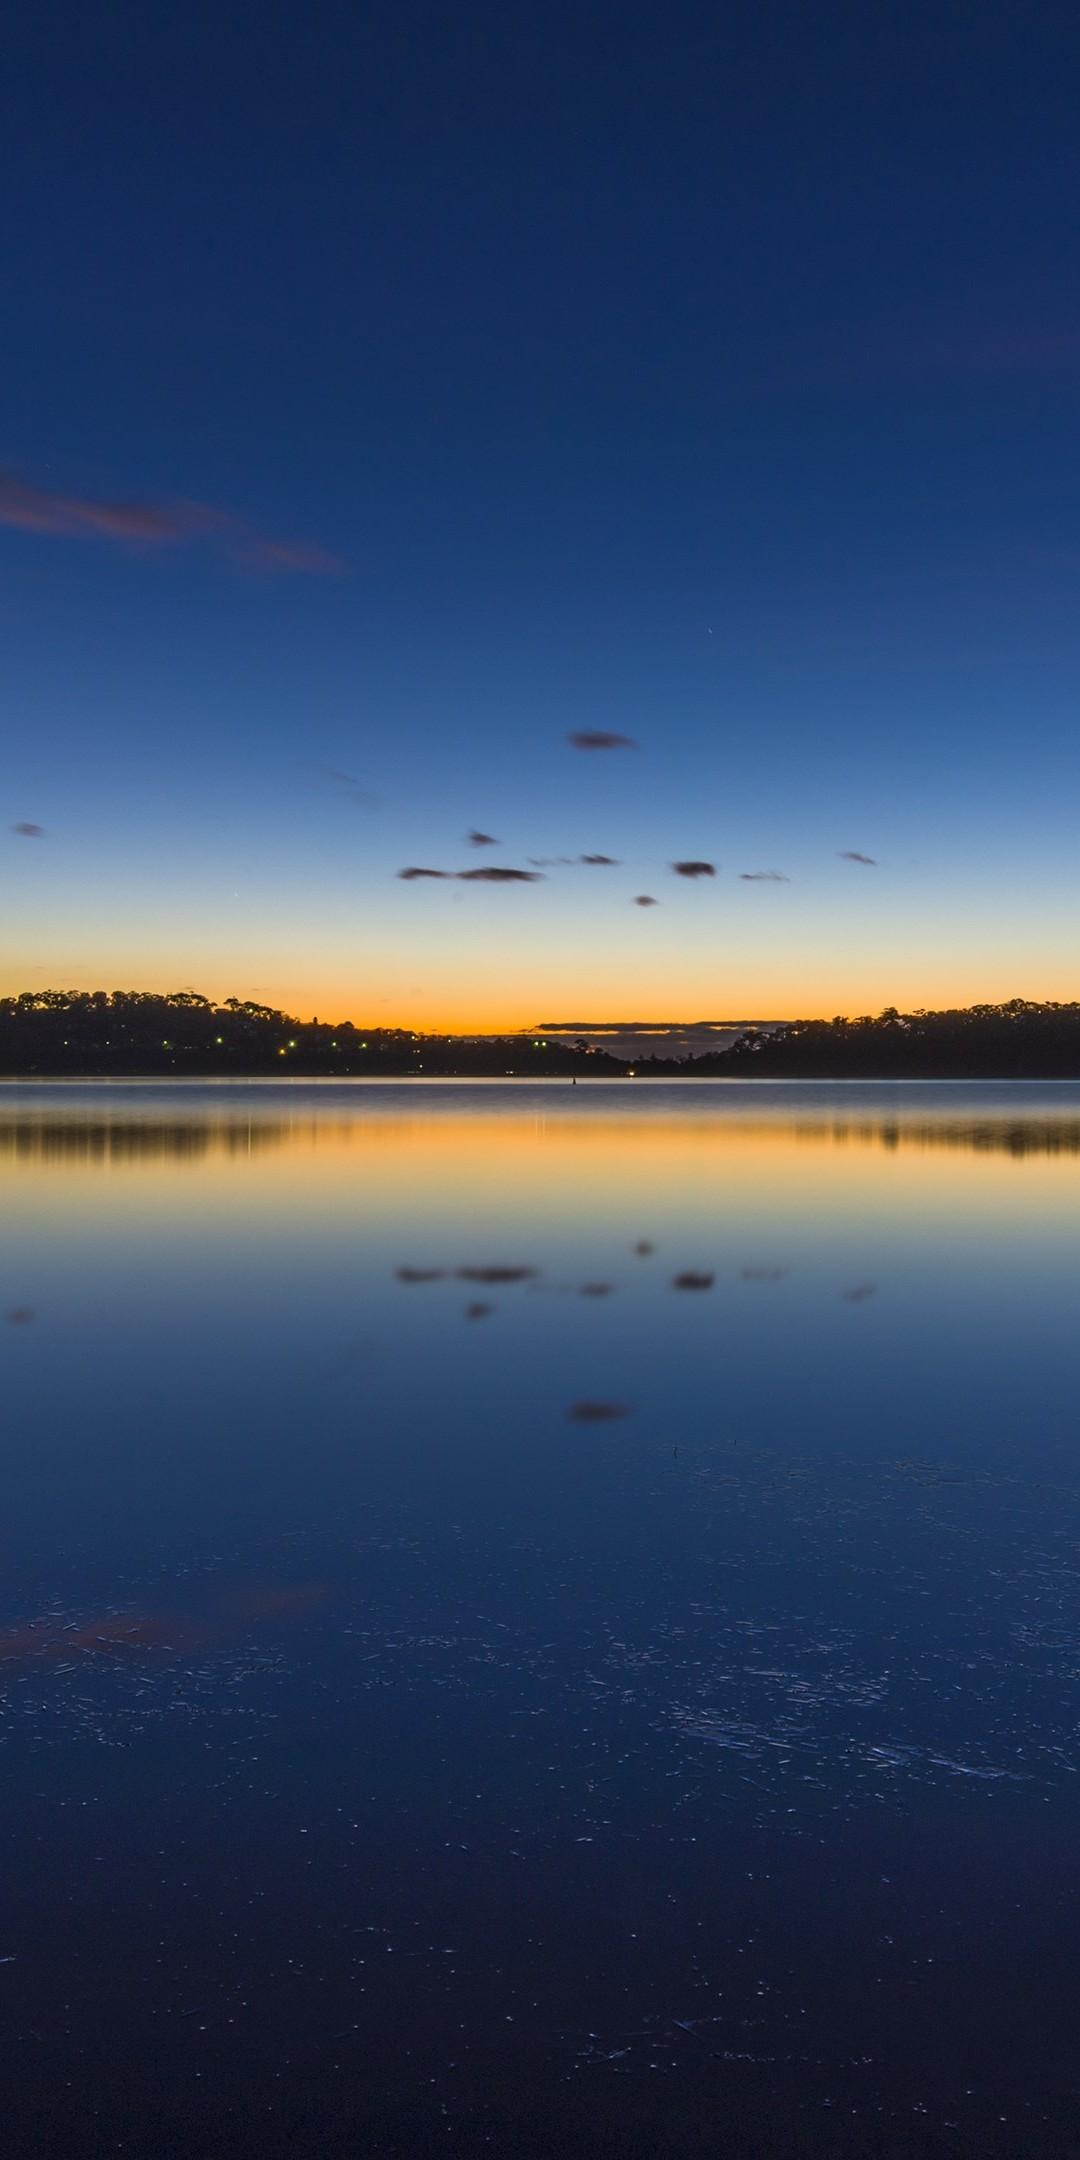 Nature Lake Sunset Landscape Ultrahd Ultra HD Wallpaper